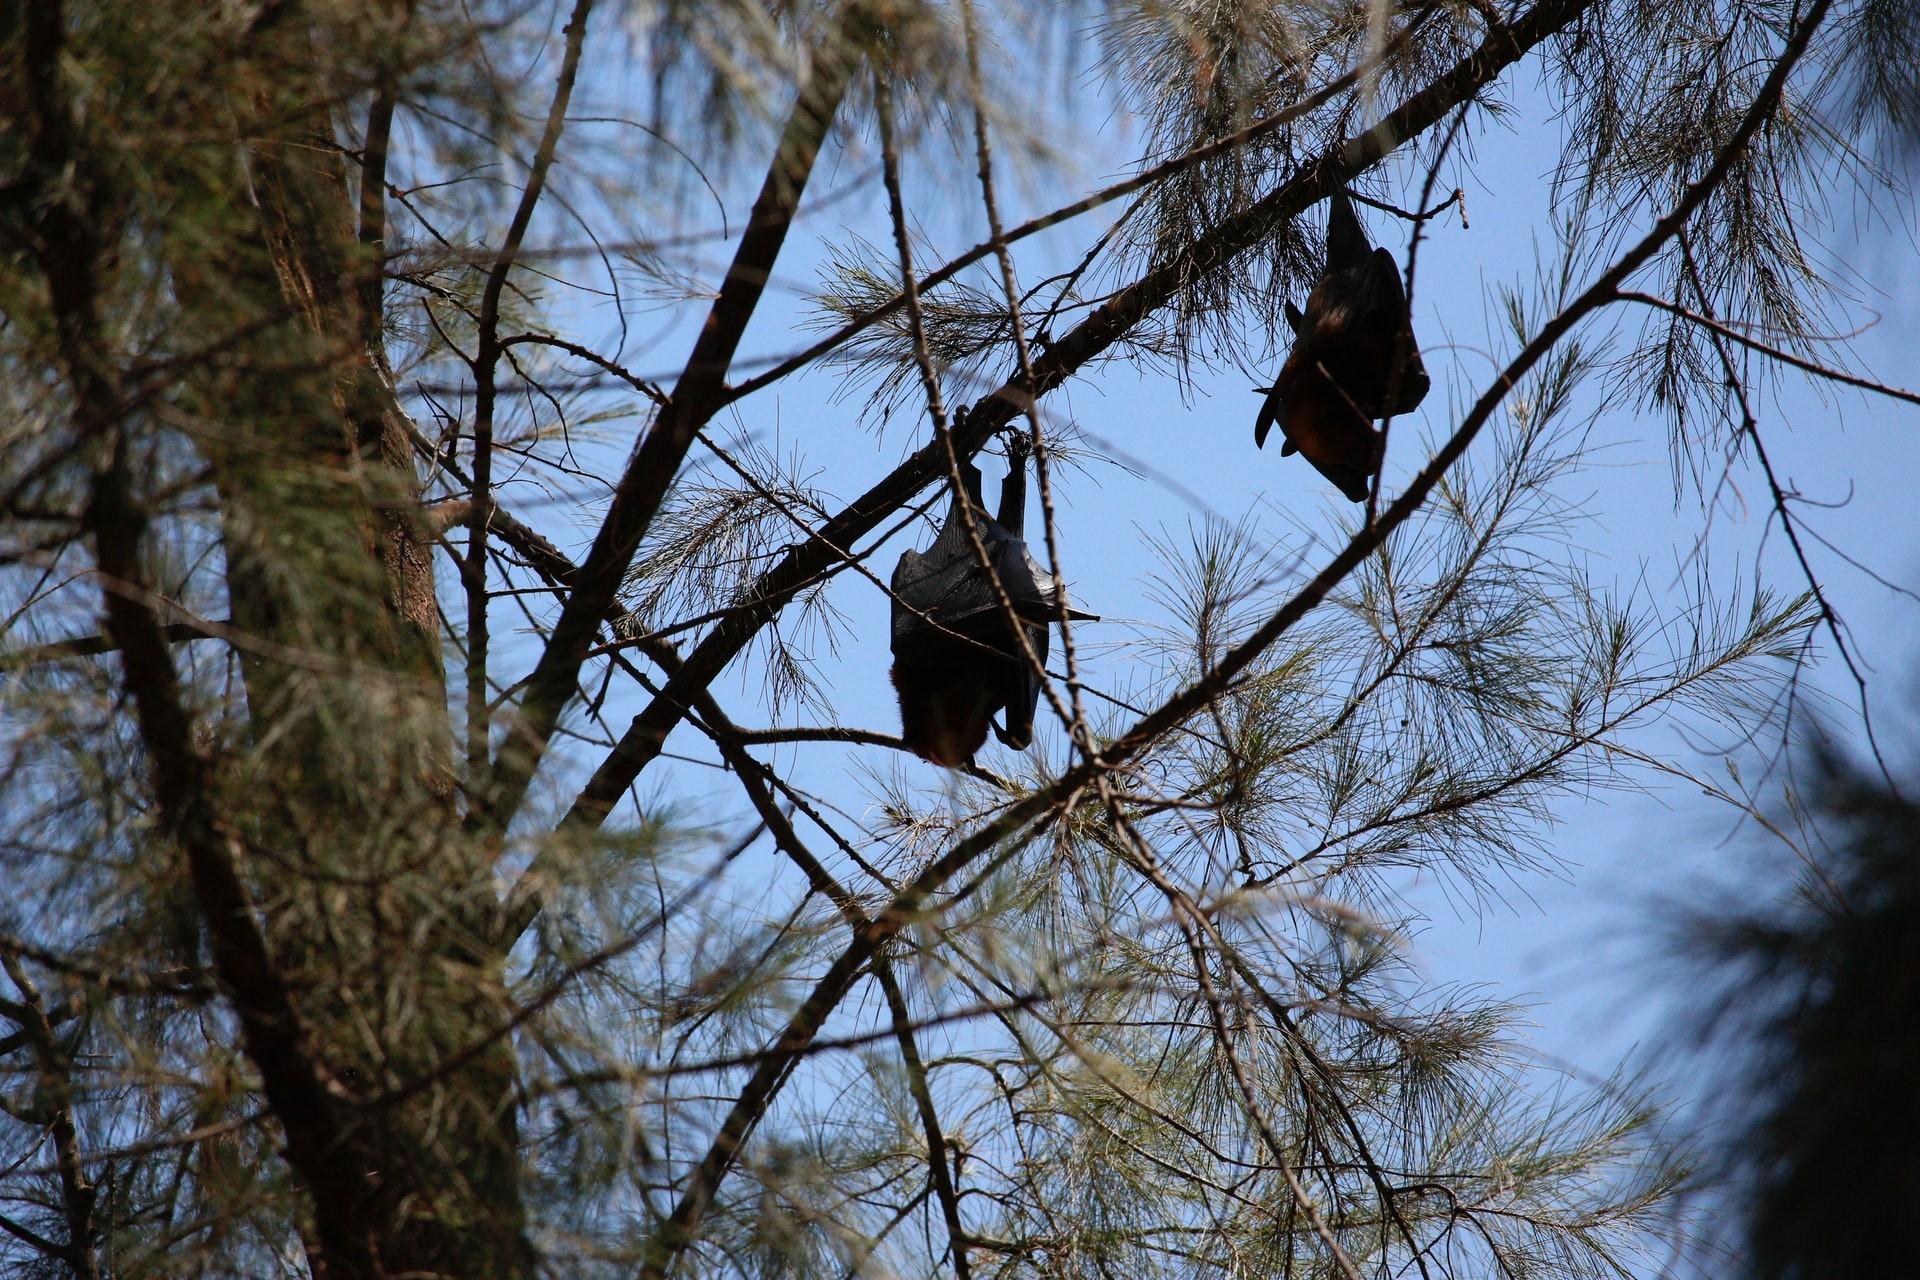 Estudo indica que 40 espécies de morcegos migraram para a província de Yunnan no último século (Foto:  Jackie Chin/Unsplash)